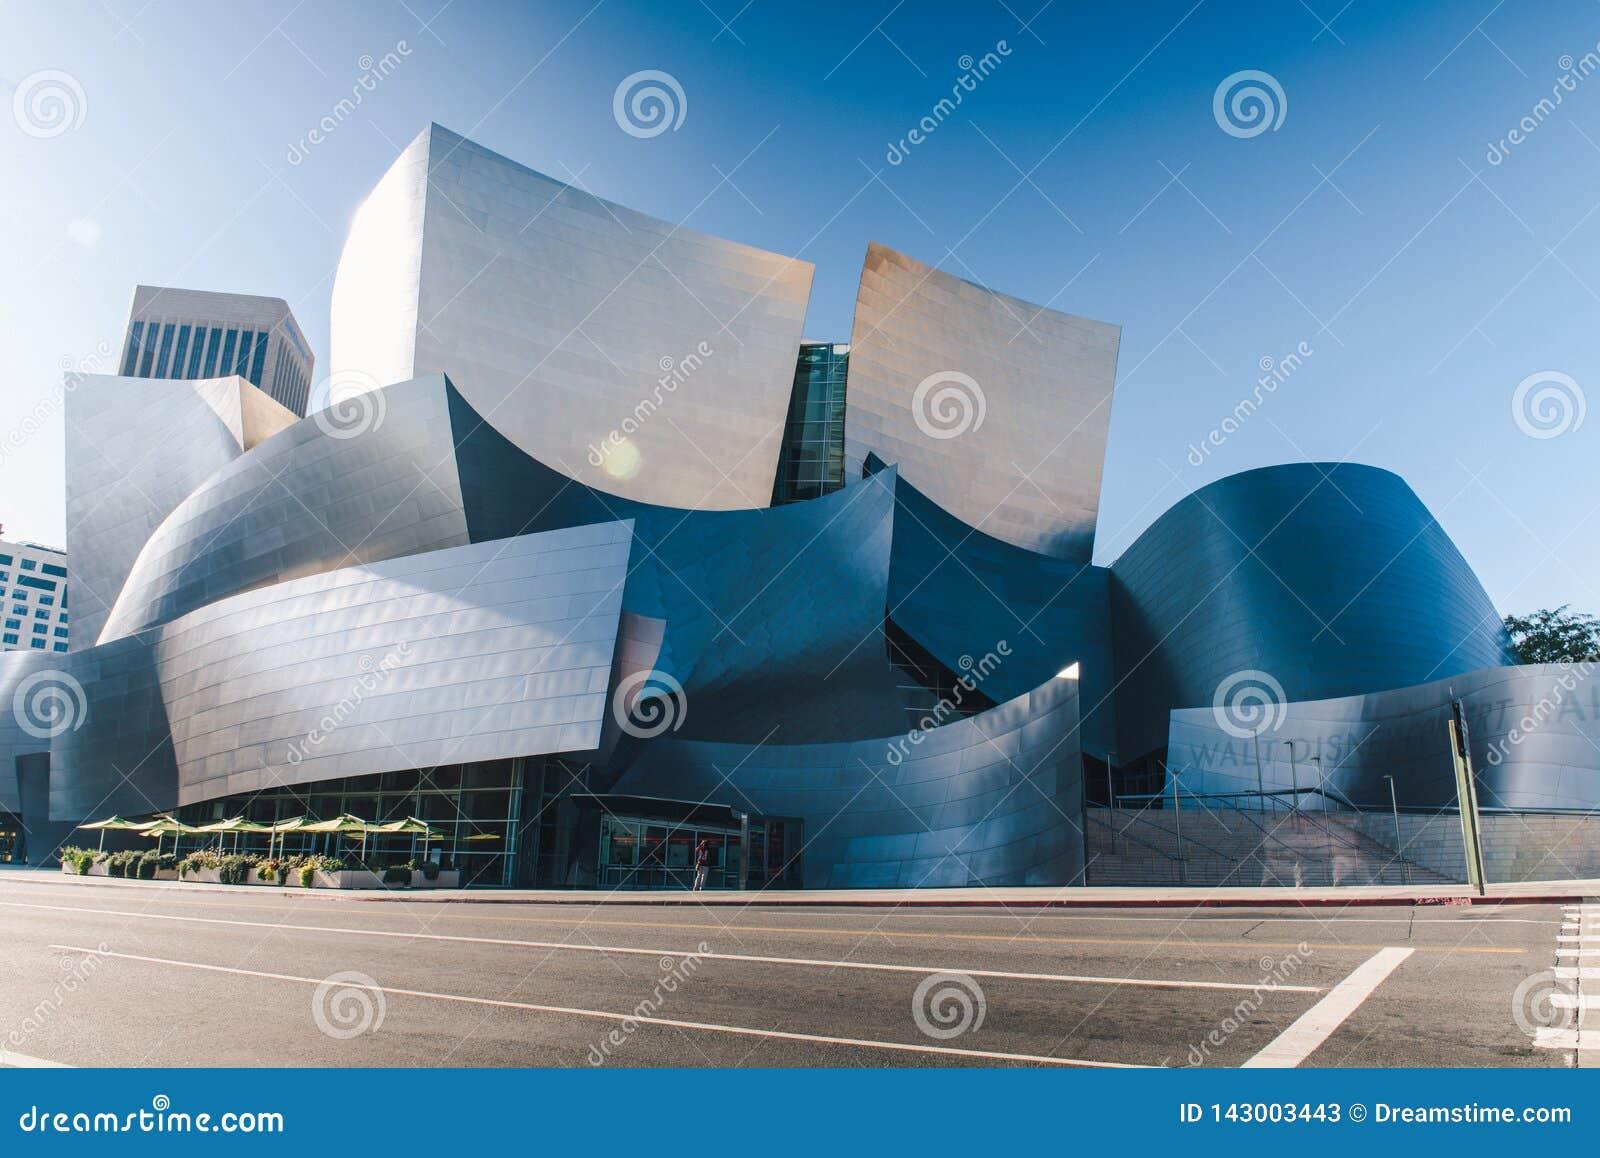 Walt Disney Concert Hall på en solig dag